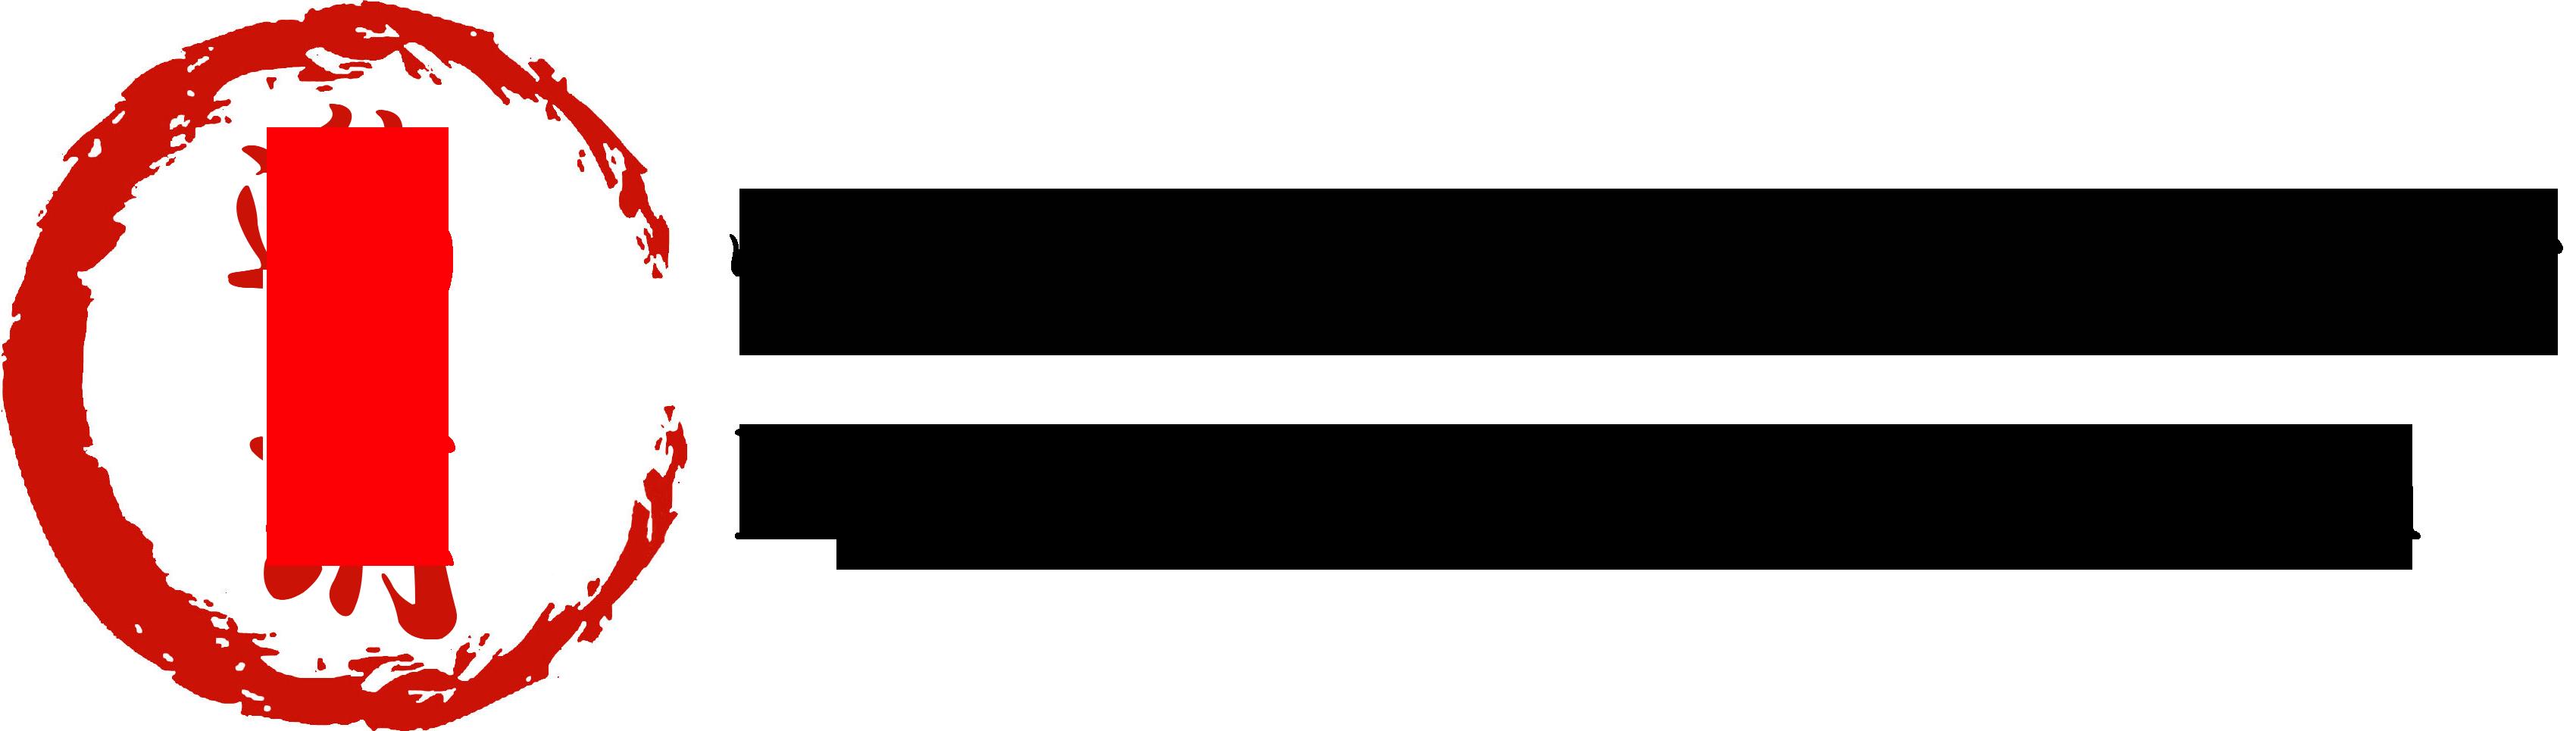 logo 标识 标志 设计 矢量 矢量图 素材 图标 3400_965